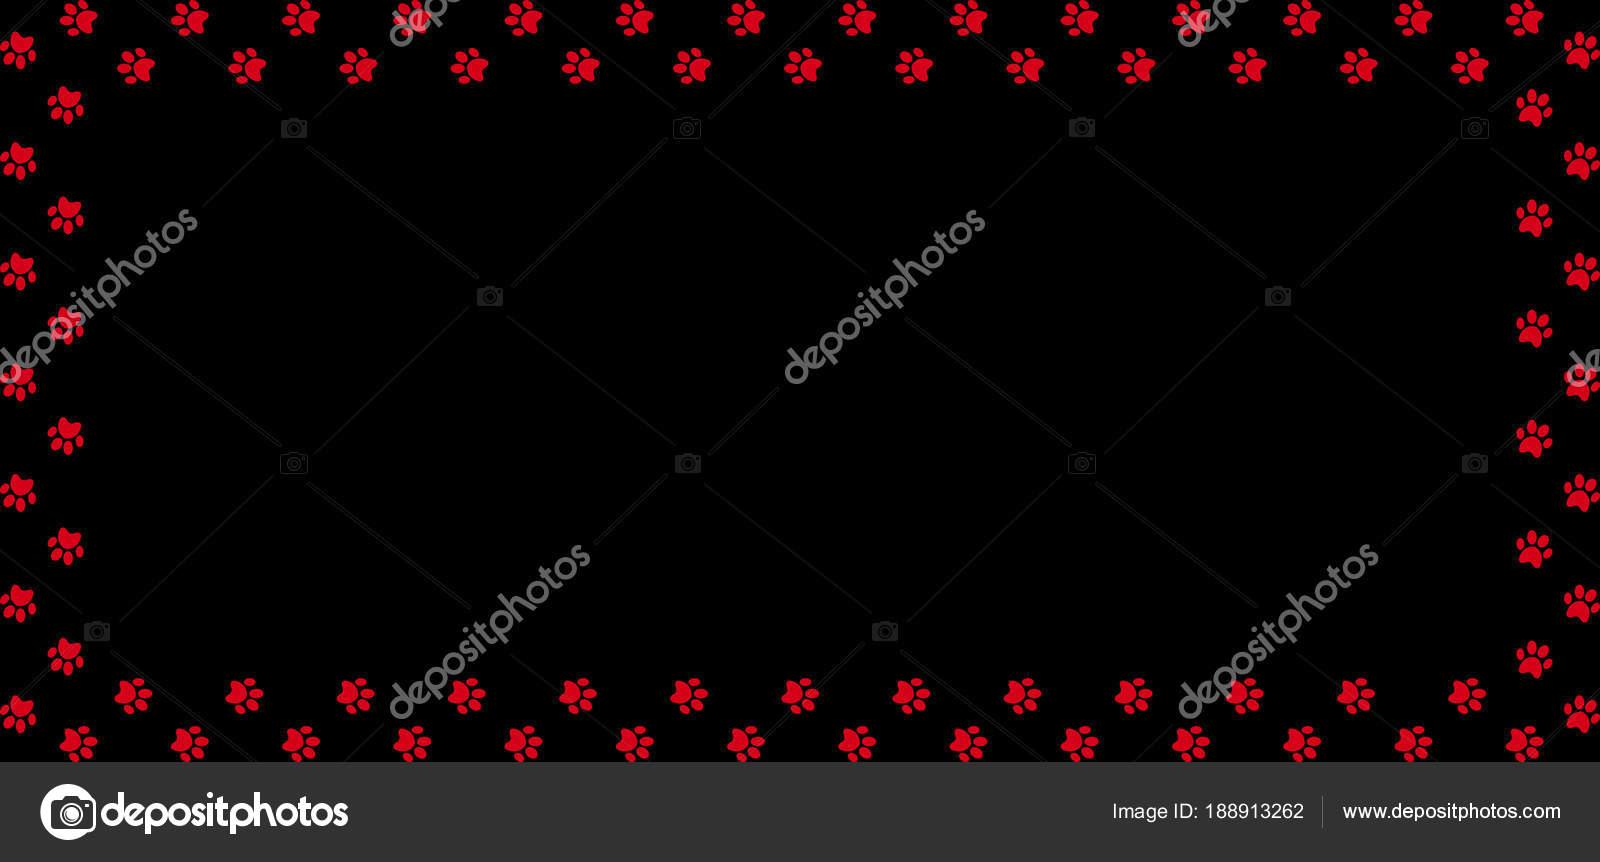 Marco rectangular hecho de impresiones de la pata animal rojo sobre ...